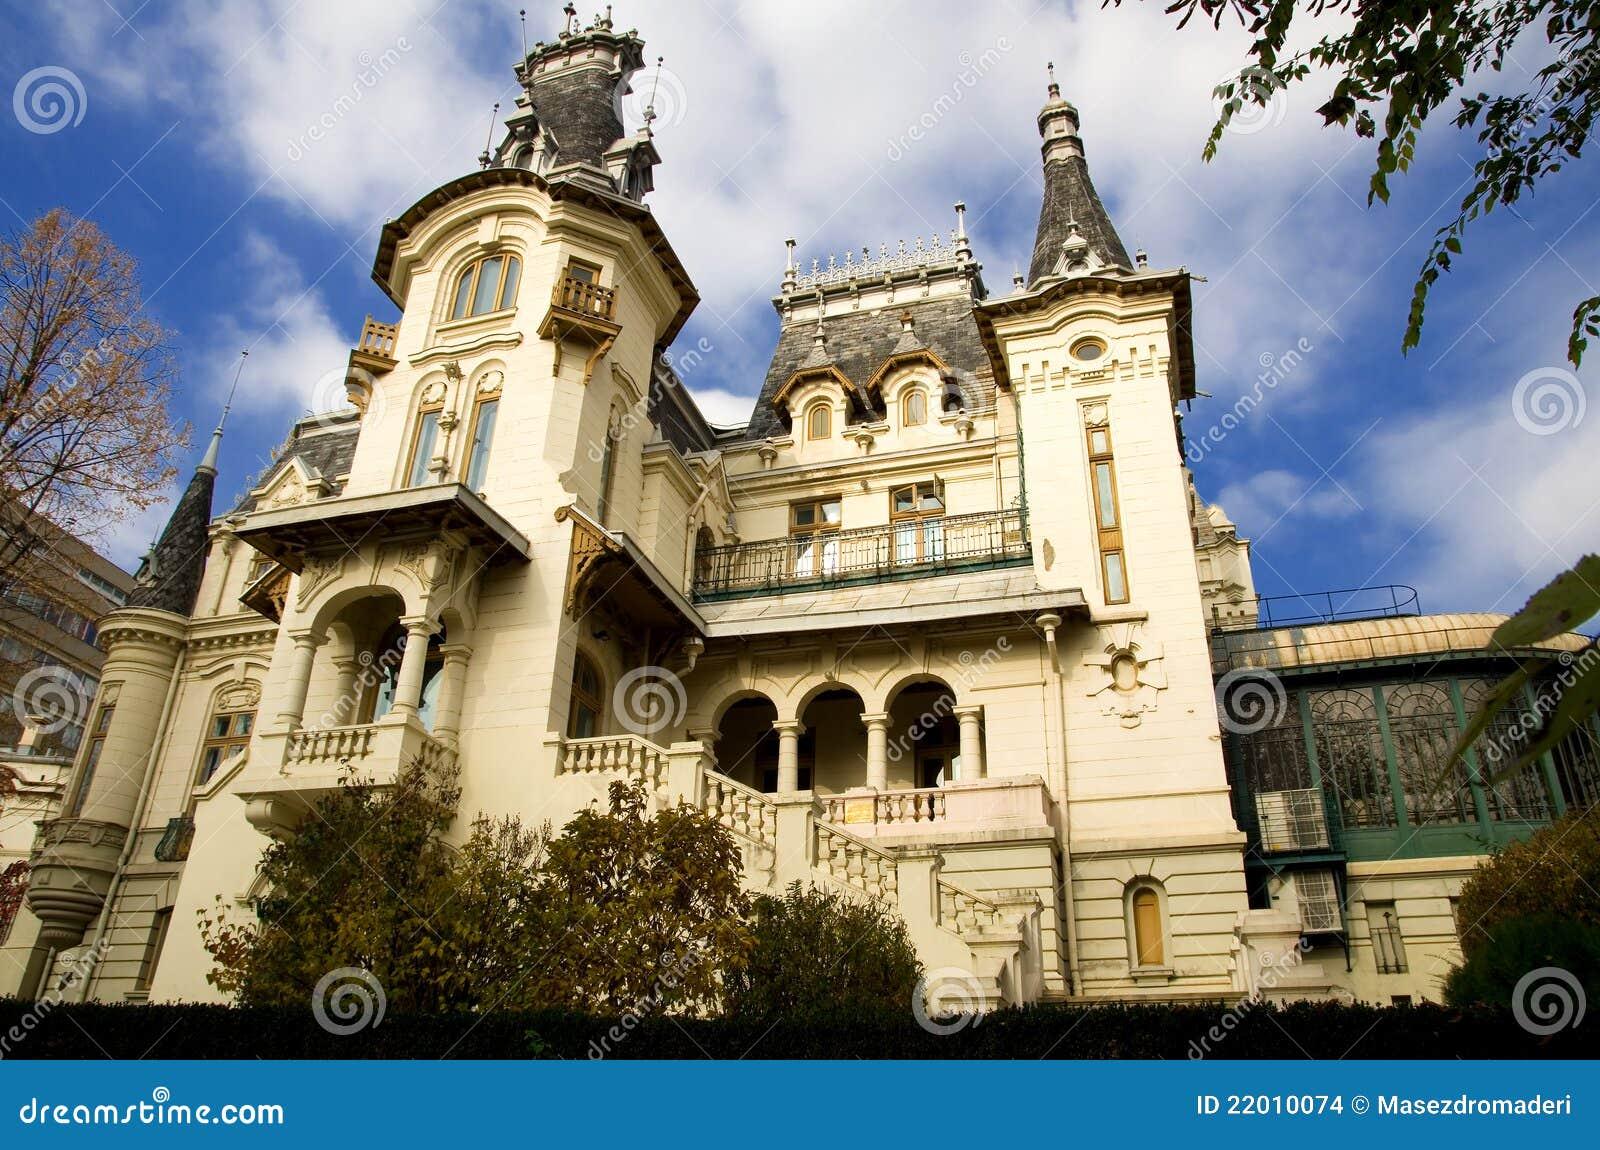 Bucharest - Kretzulescu Palace